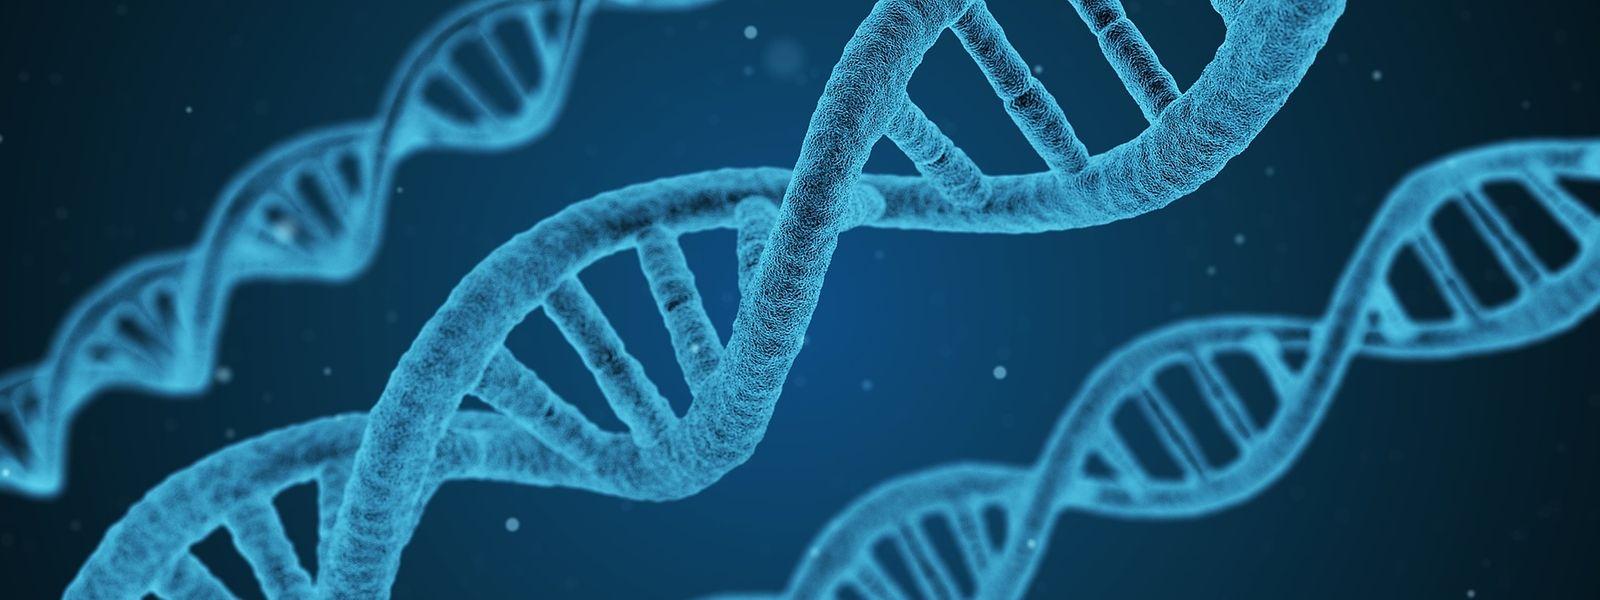 Durch die Genschere CRISPR/Cas9 ist Wissenschaftlern im Kampf gegen den HIV-Virus ein Durchbruch gelungen.